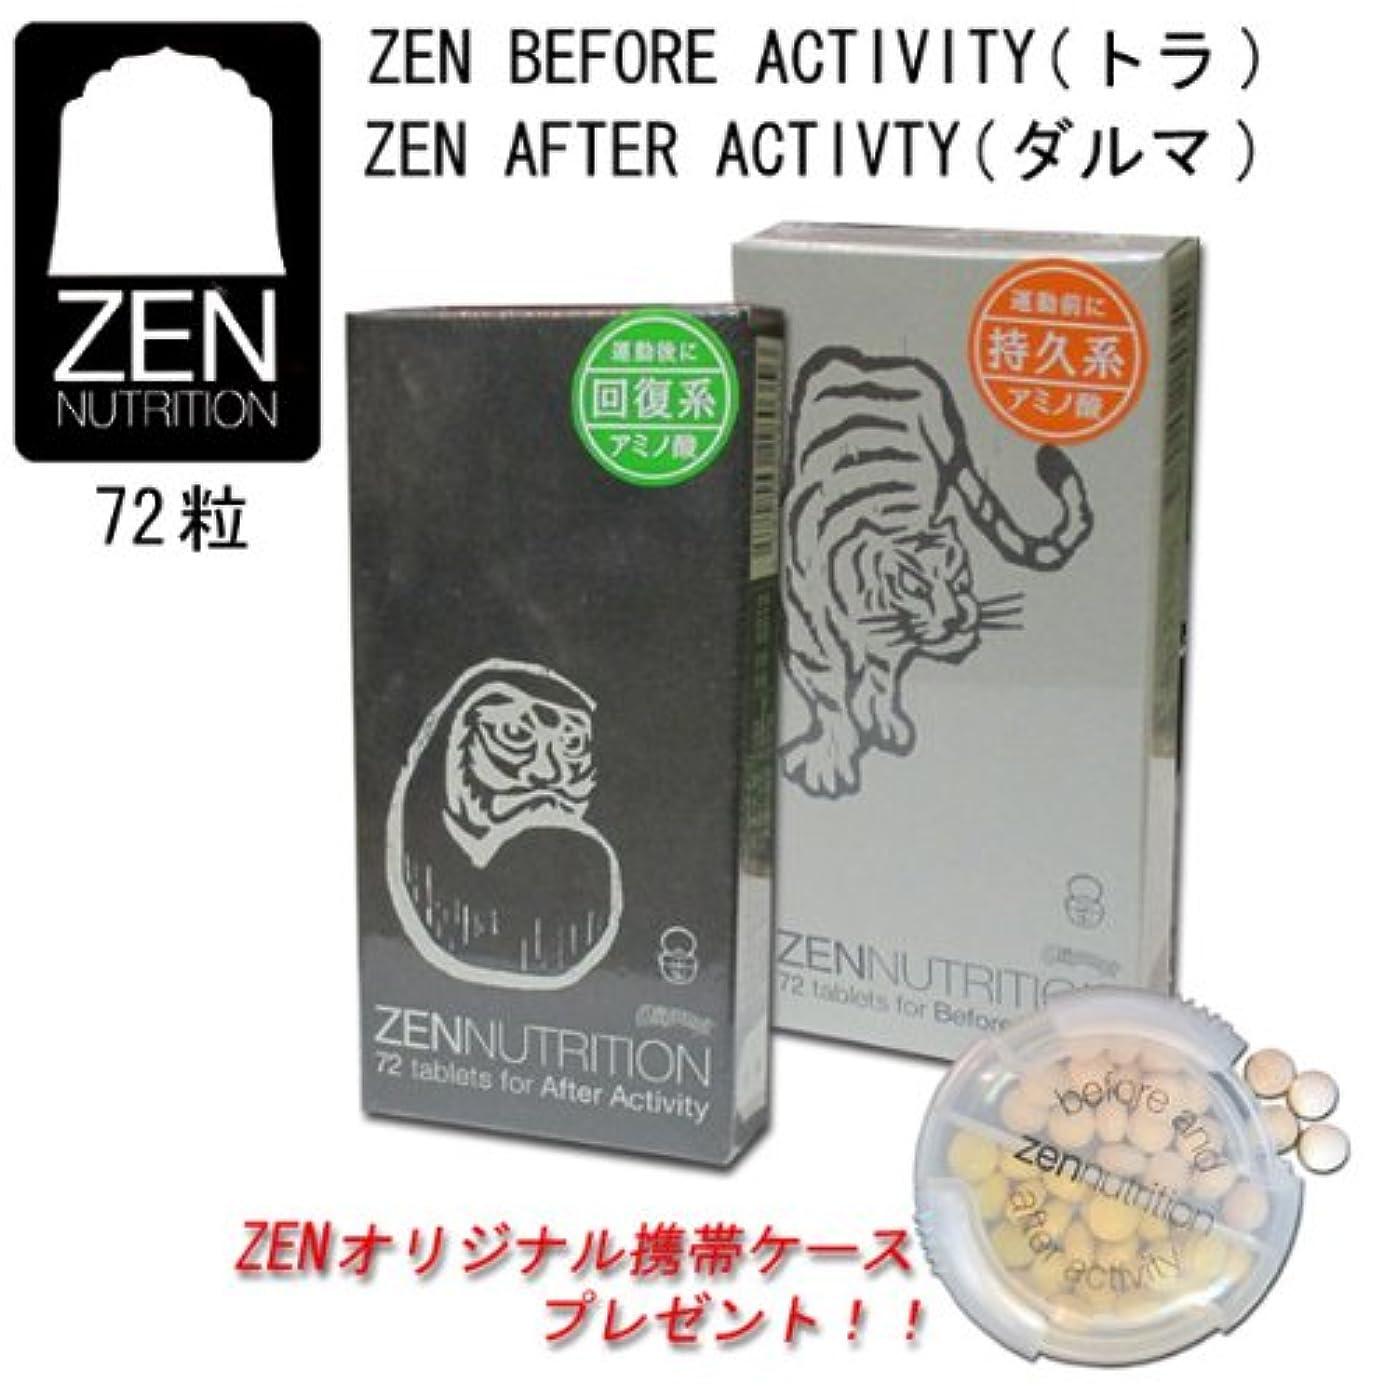 ファイバベックスジャーナリストZEN ACTIVITY(トラ&ダルマ) ゼンサプリメントセット(72粒) アミノ酸/セットが 携帯ケースプレゼント!